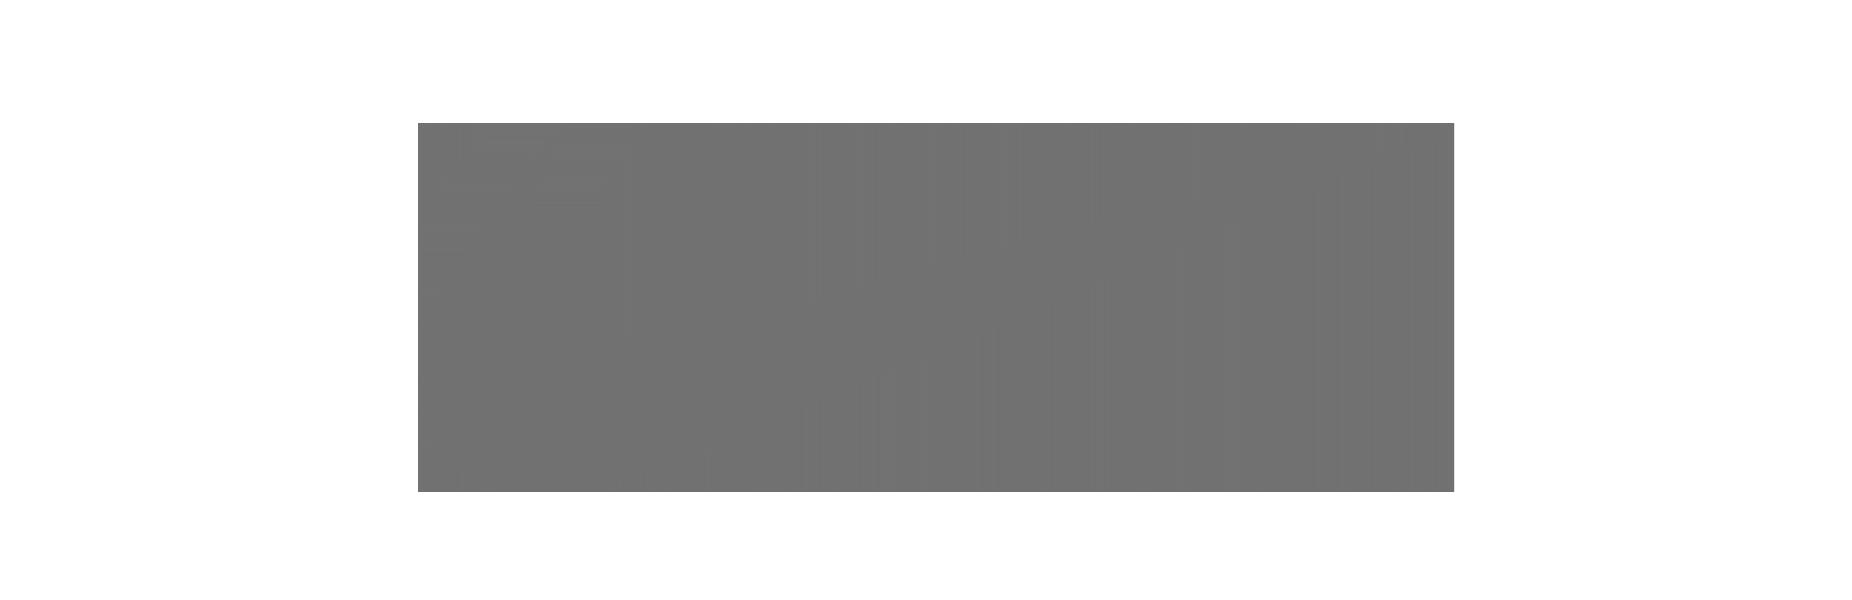 Nike Ottica Bossi Trieste